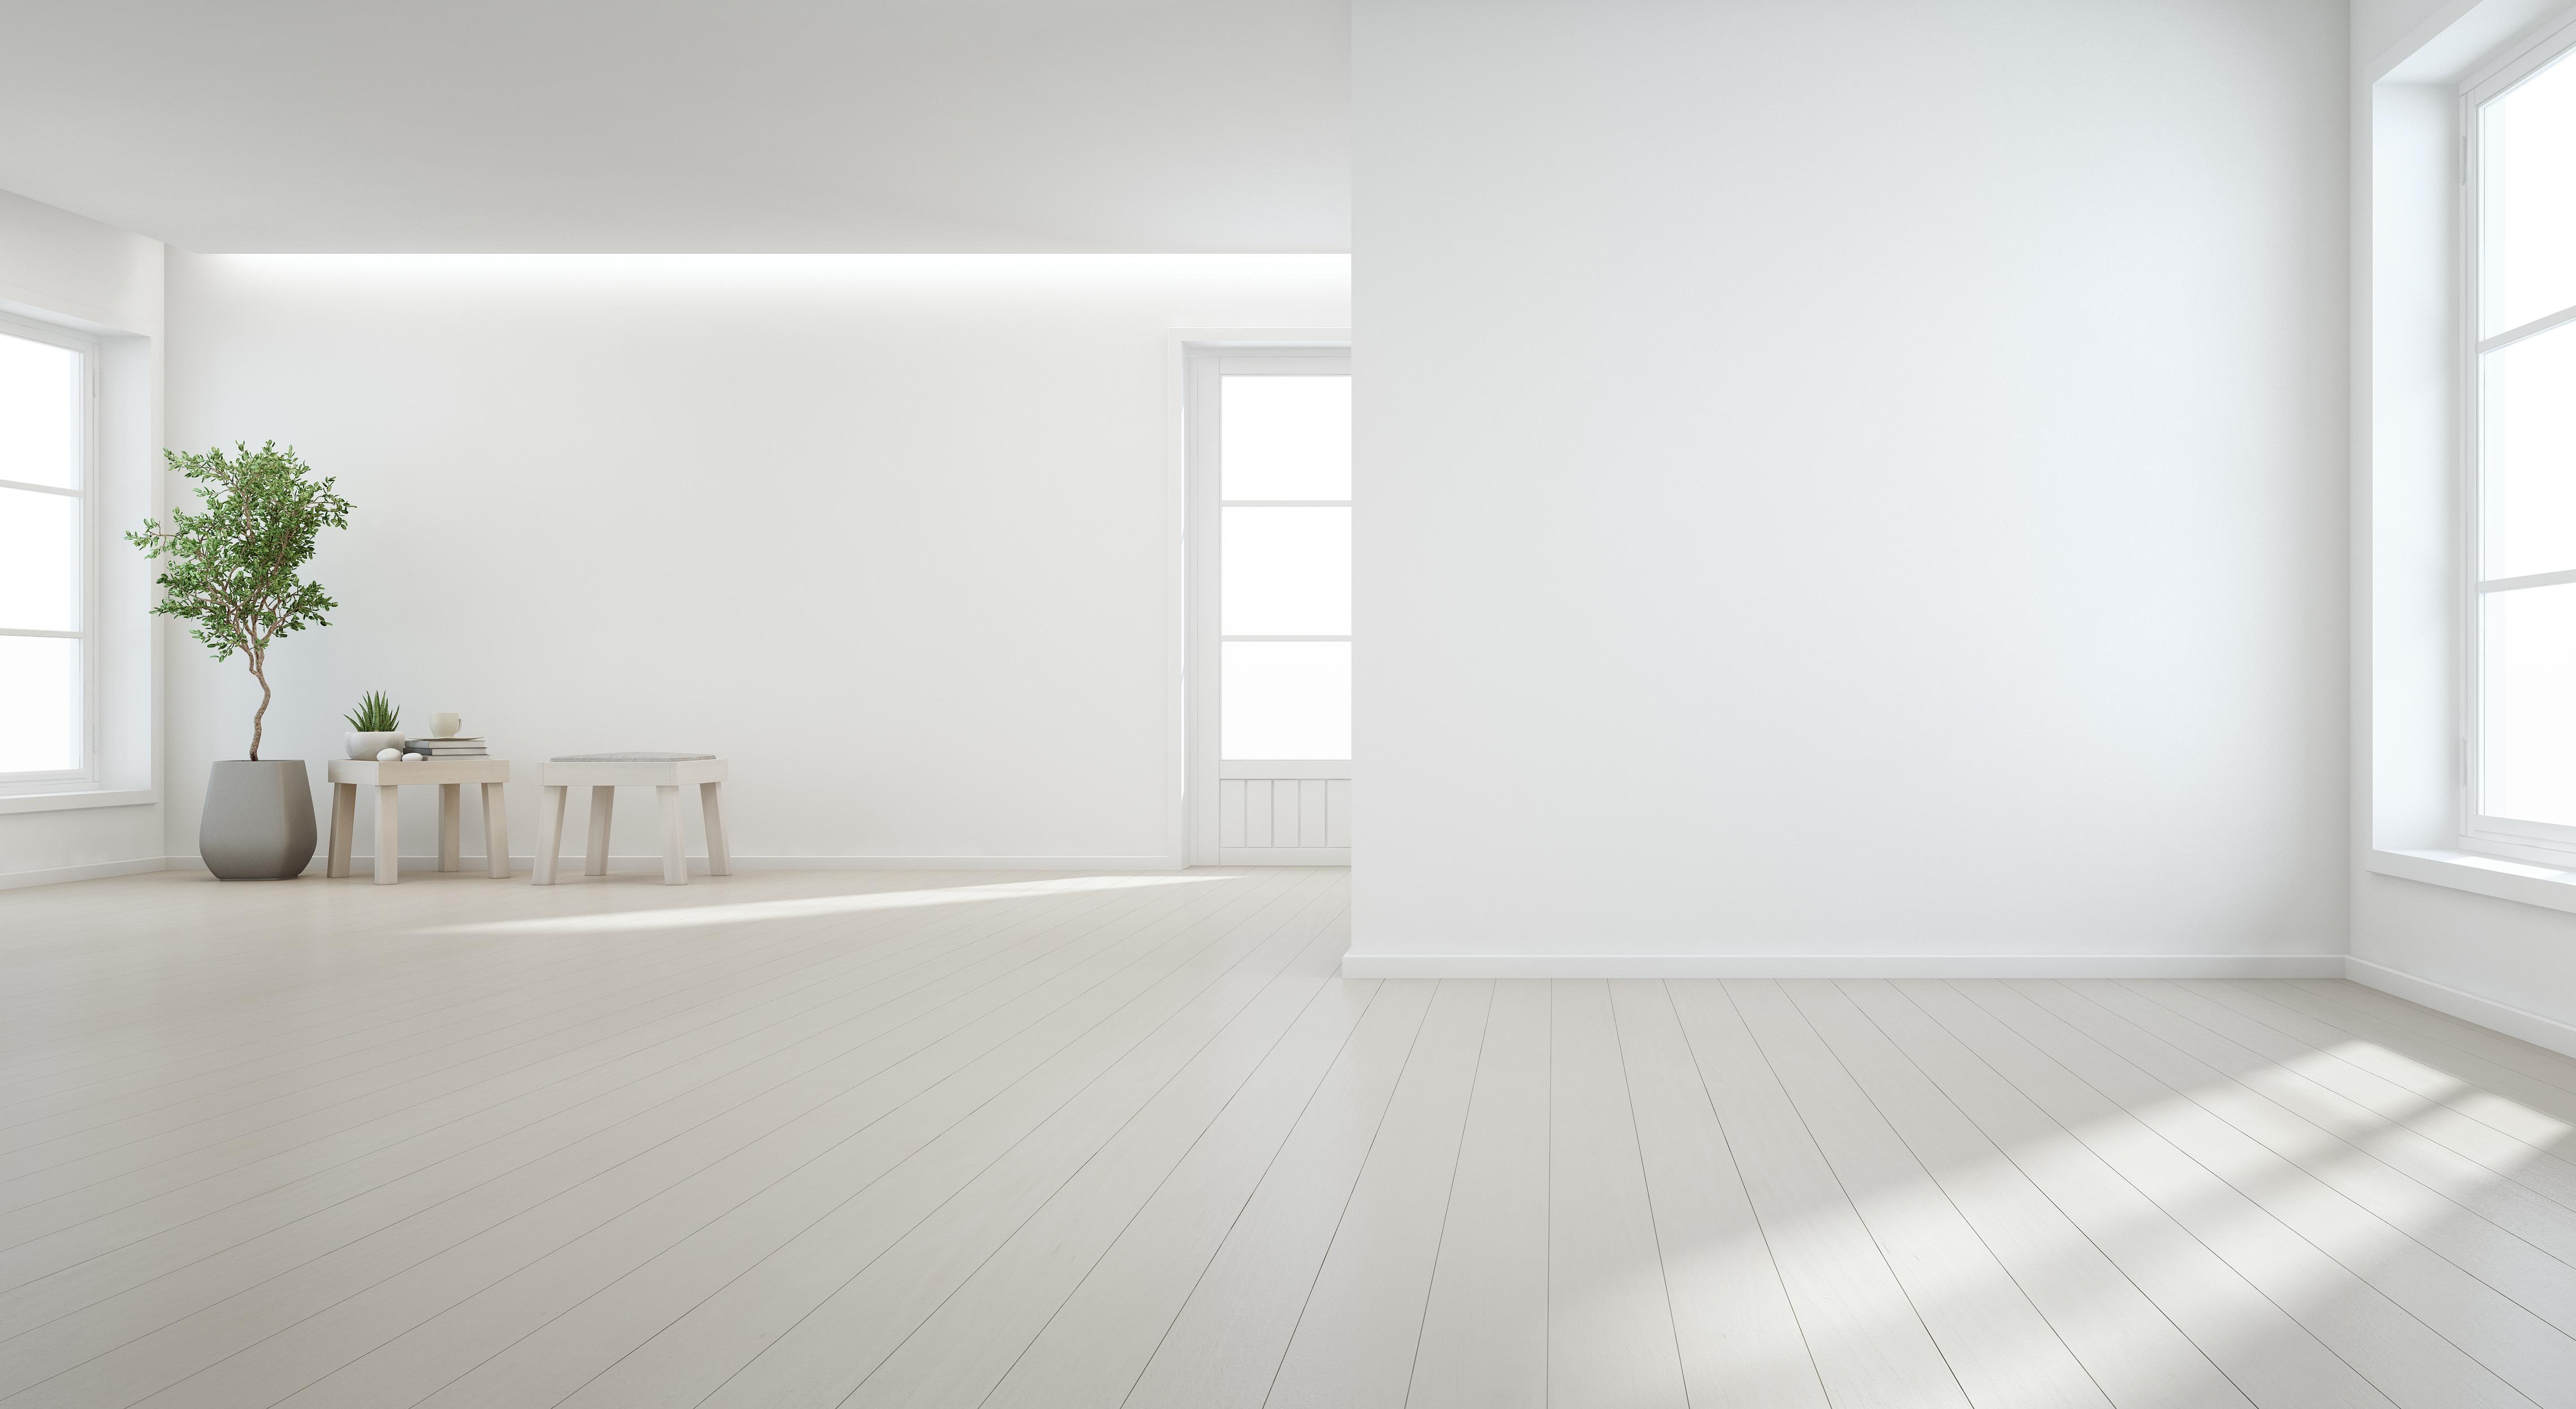 Bývanie podľa Feng Shui - Ako si vytvoriť harmonickú obývačku